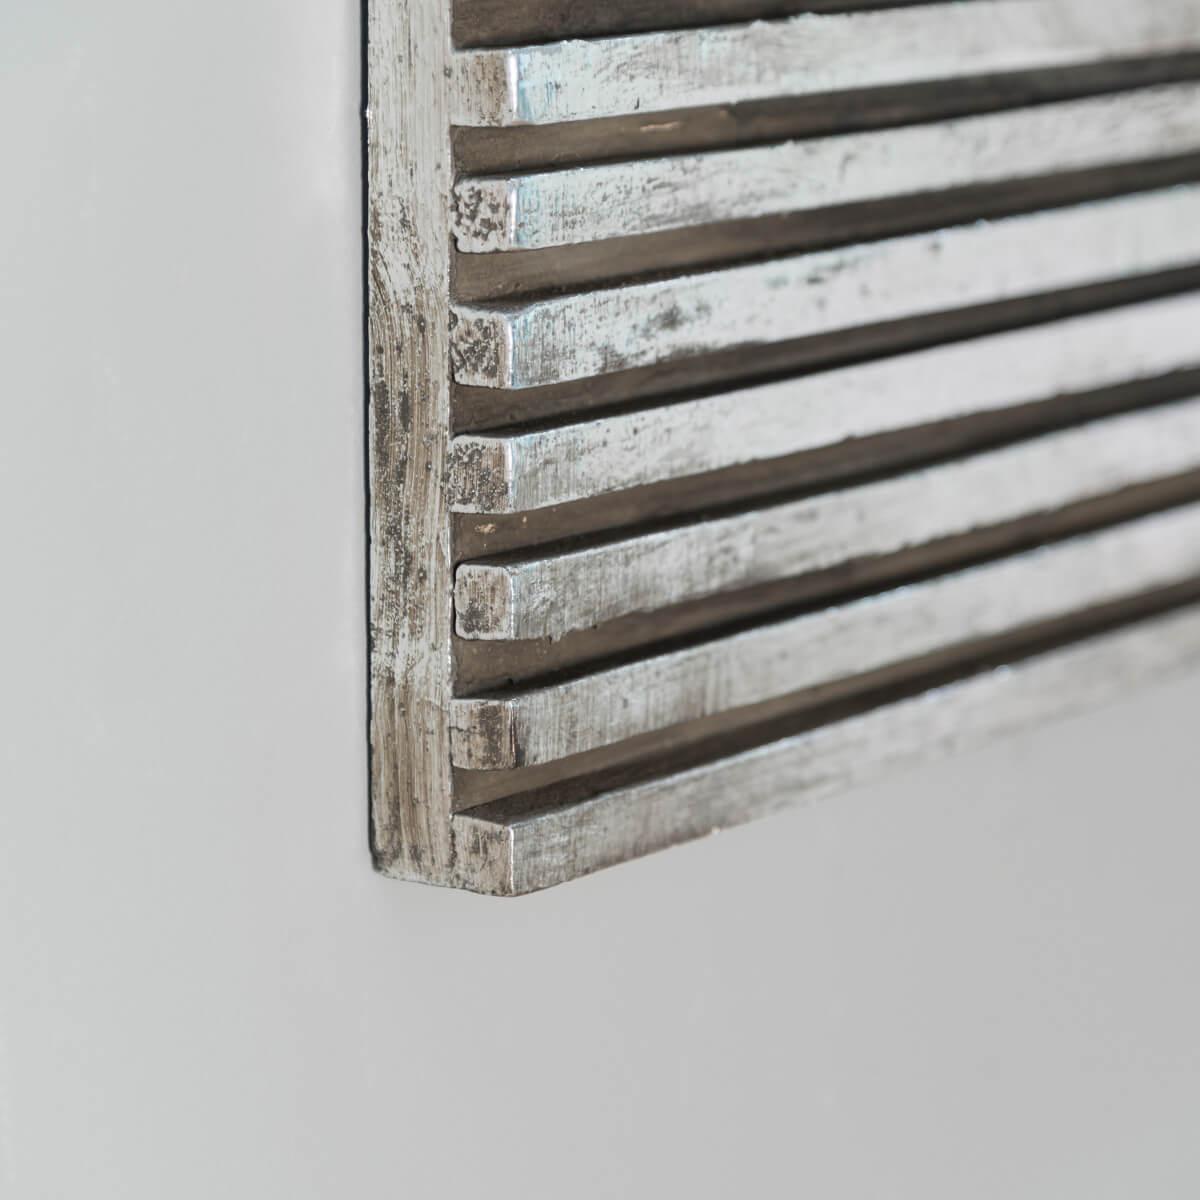 miroir de d coration en bois massif art d co carr argent l 80 cm. Black Bedroom Furniture Sets. Home Design Ideas